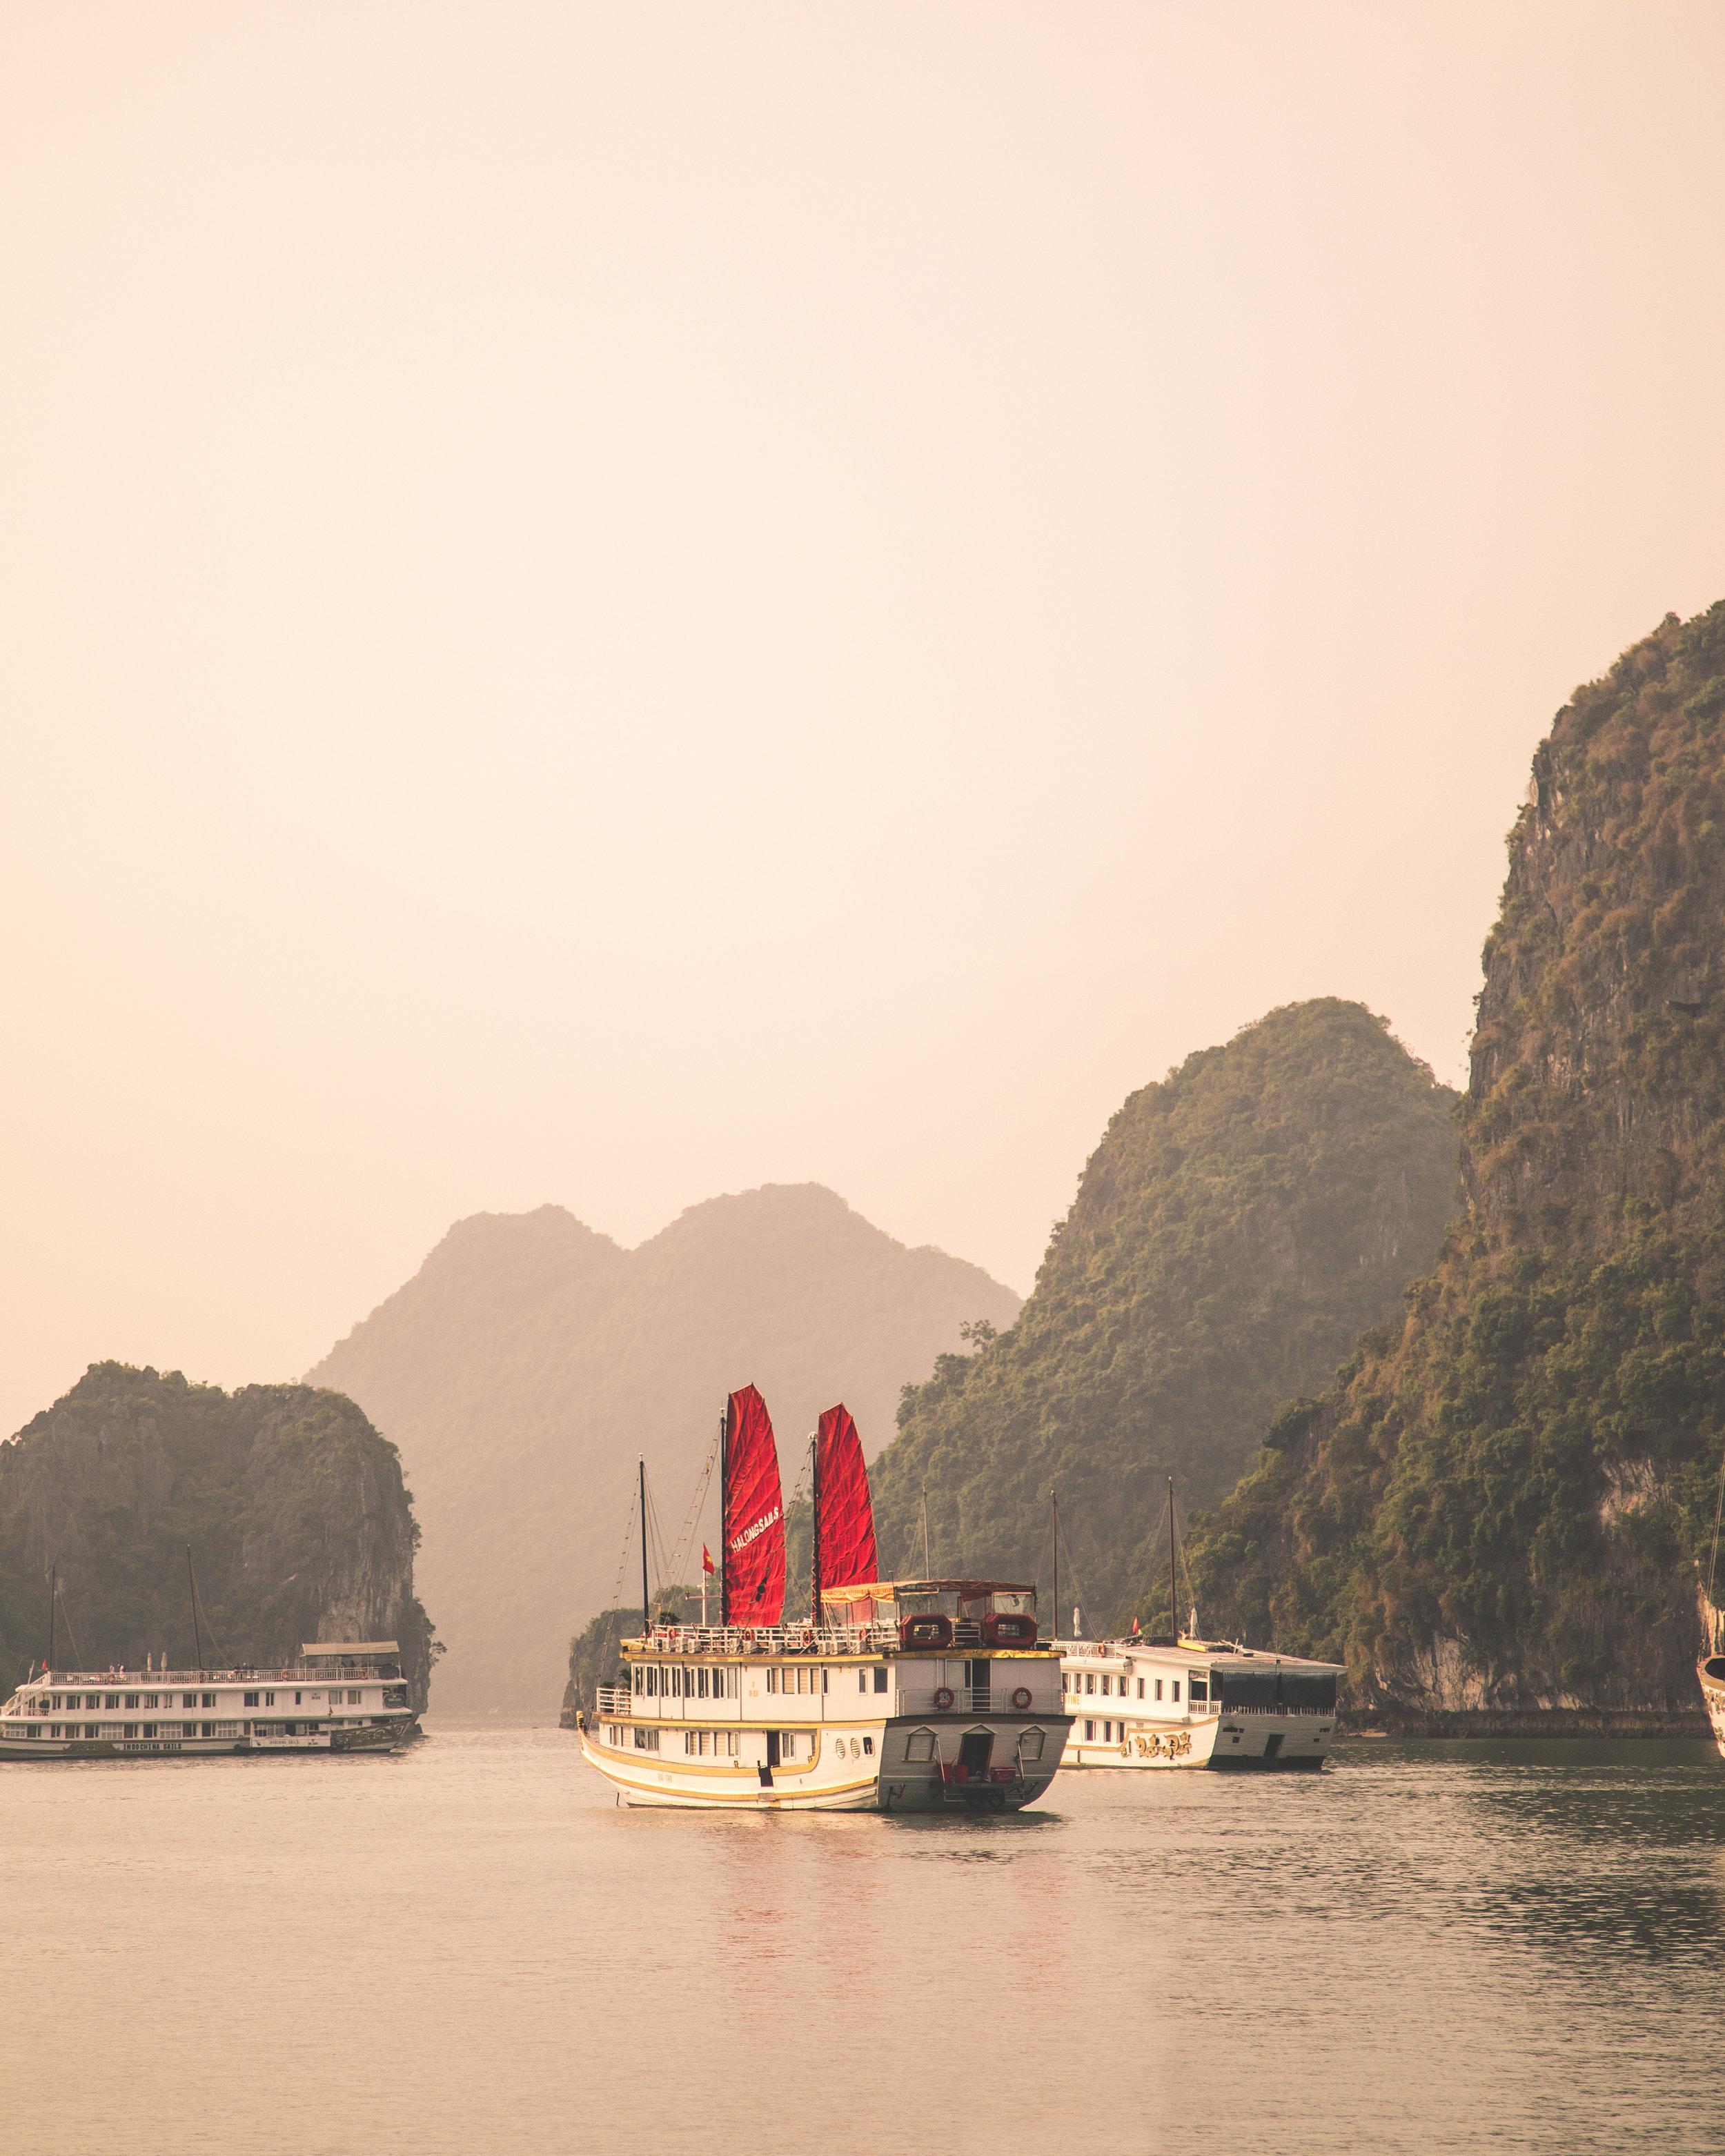 Cruising through the beautiful Halong Bay